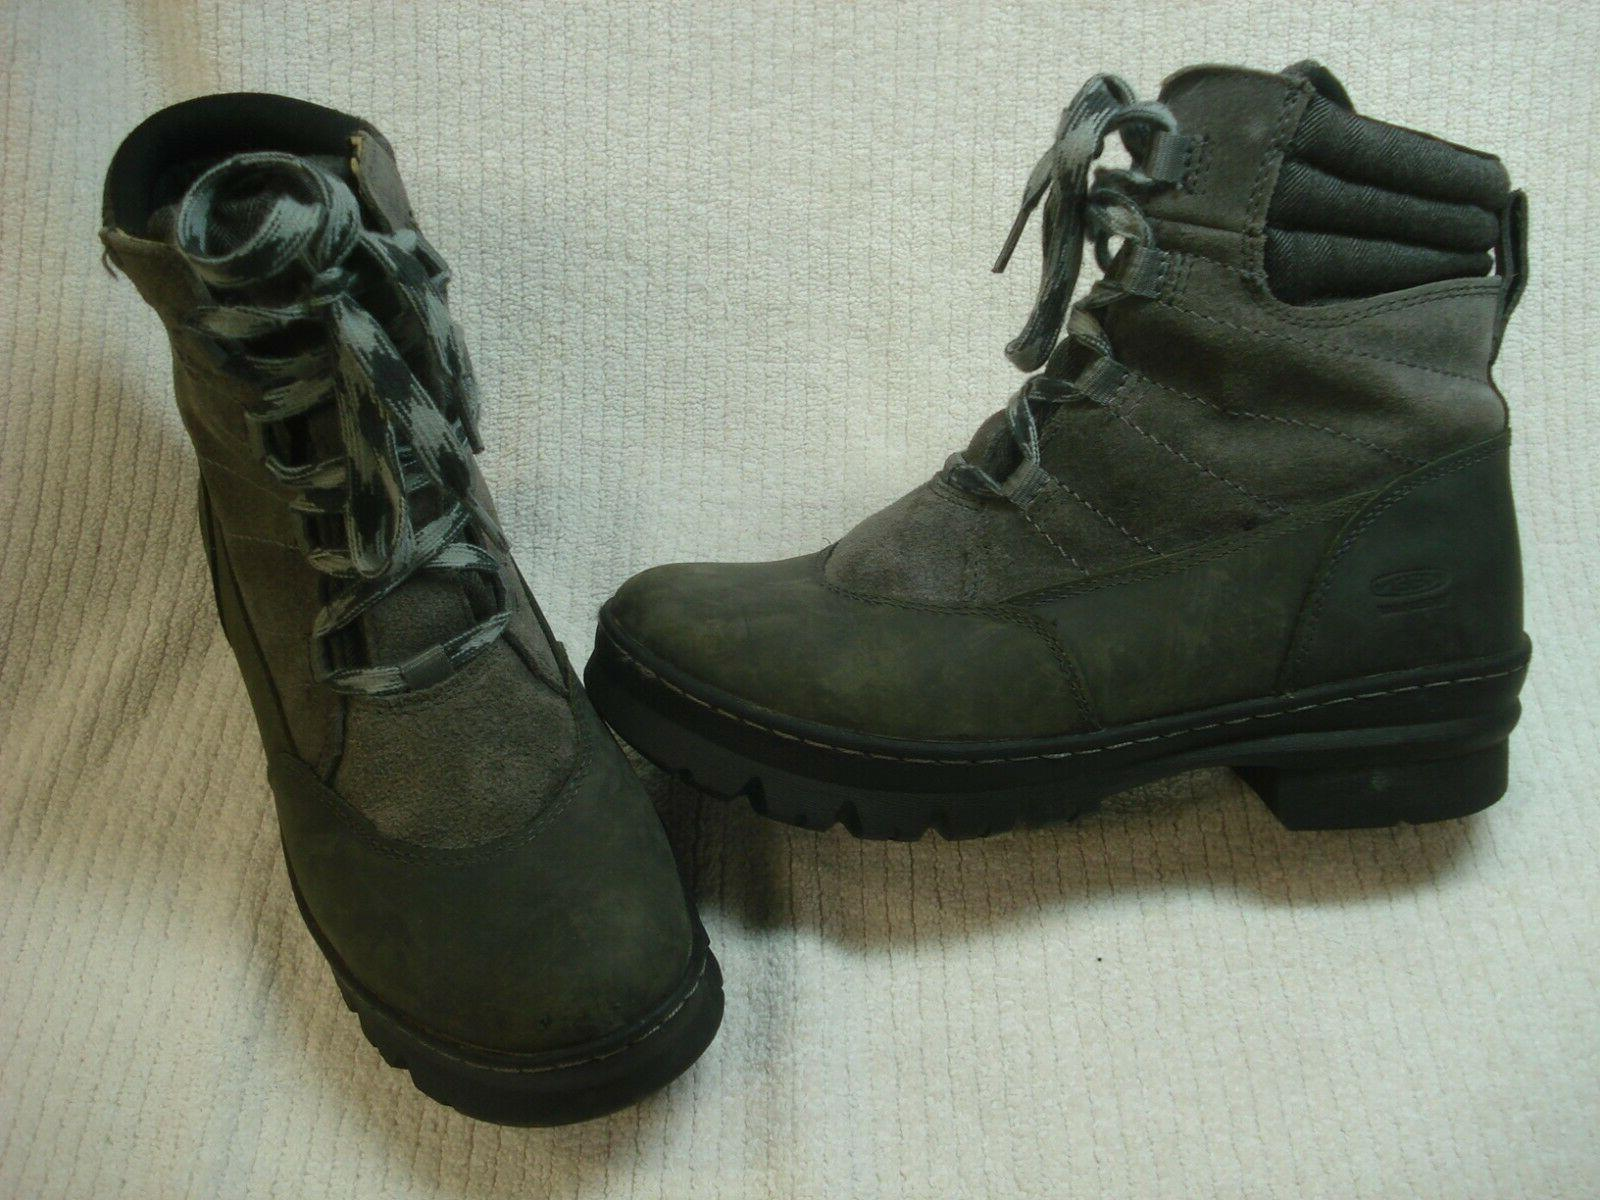 Women's Keen Wapato waterproof winter snow boots size 8.5 gray